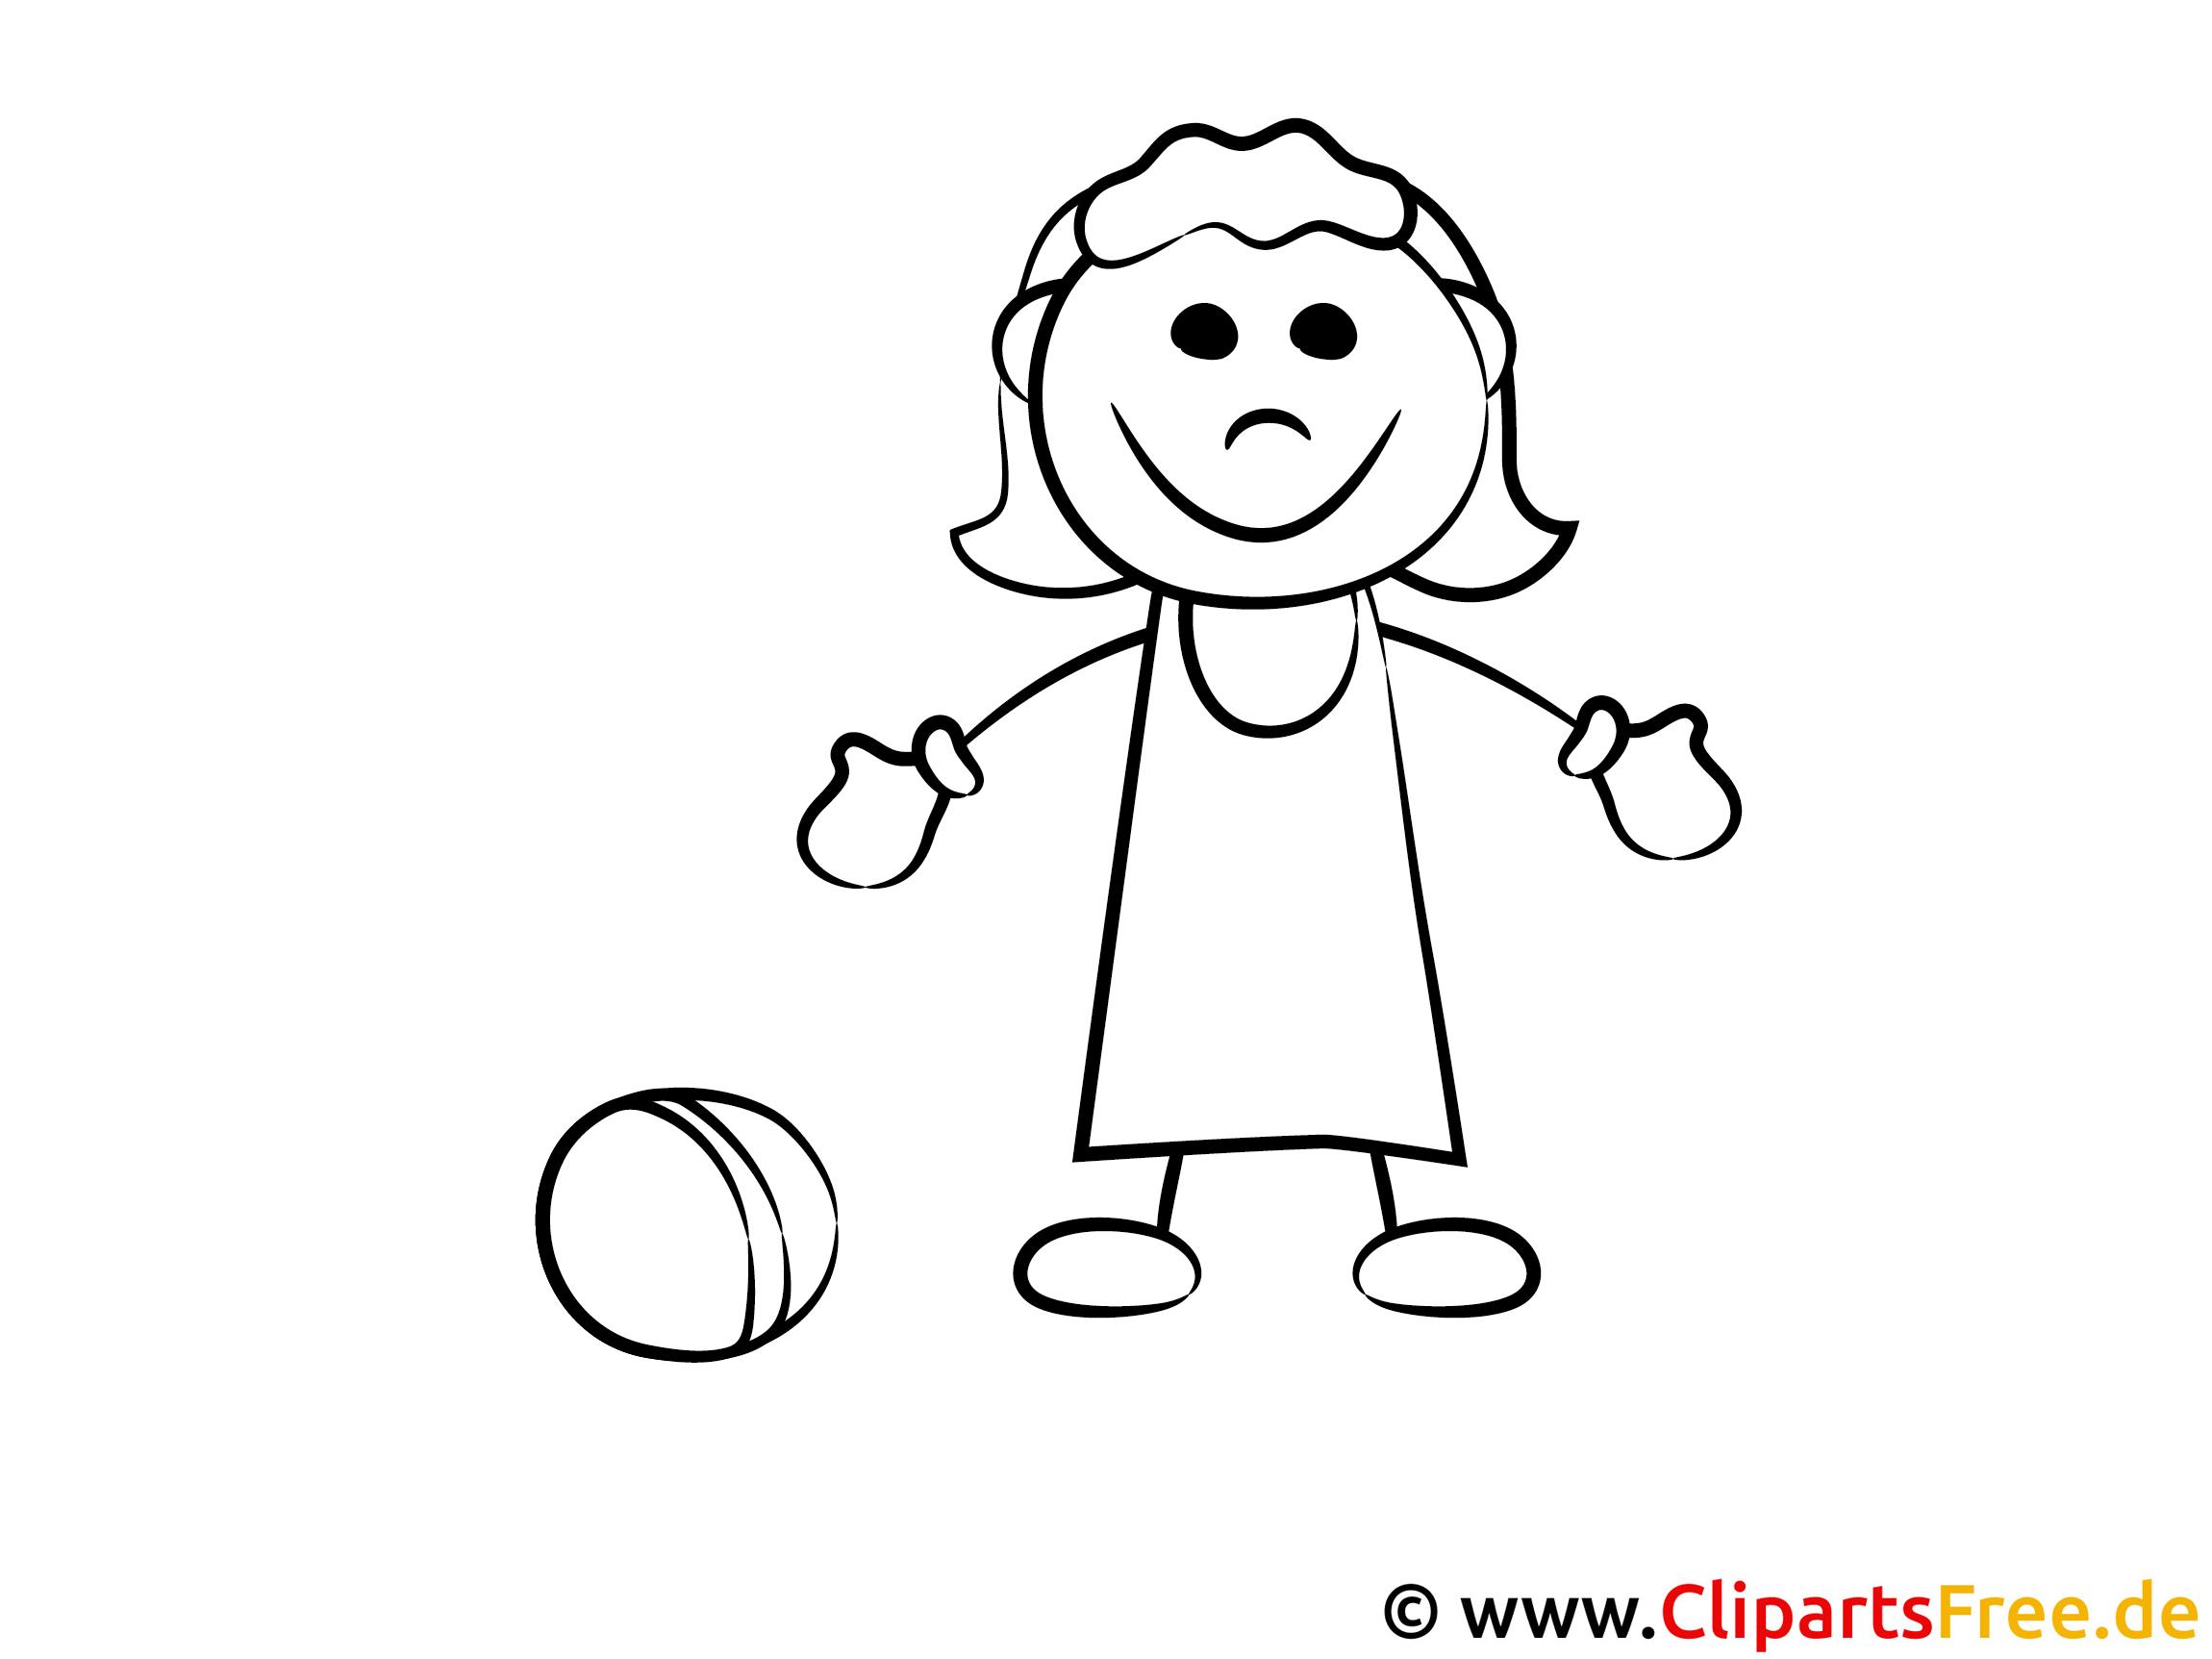 mädchen spielt mit dem ball ausmalbild